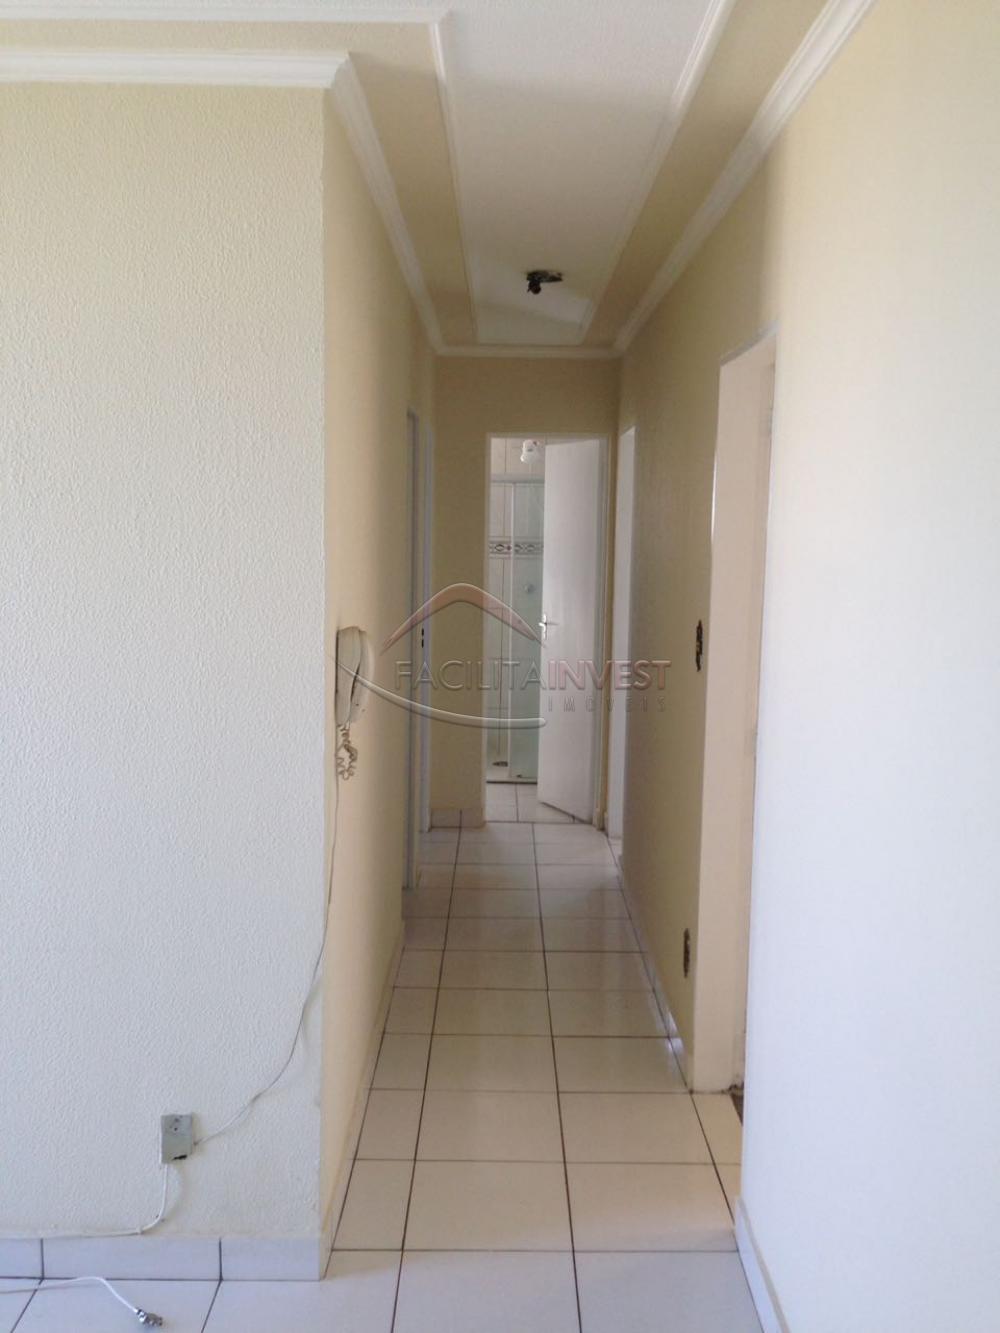 Comprar Apartamentos / Apart. Padrão em Ribeirão Preto apenas R$ 240.000,00 - Foto 1